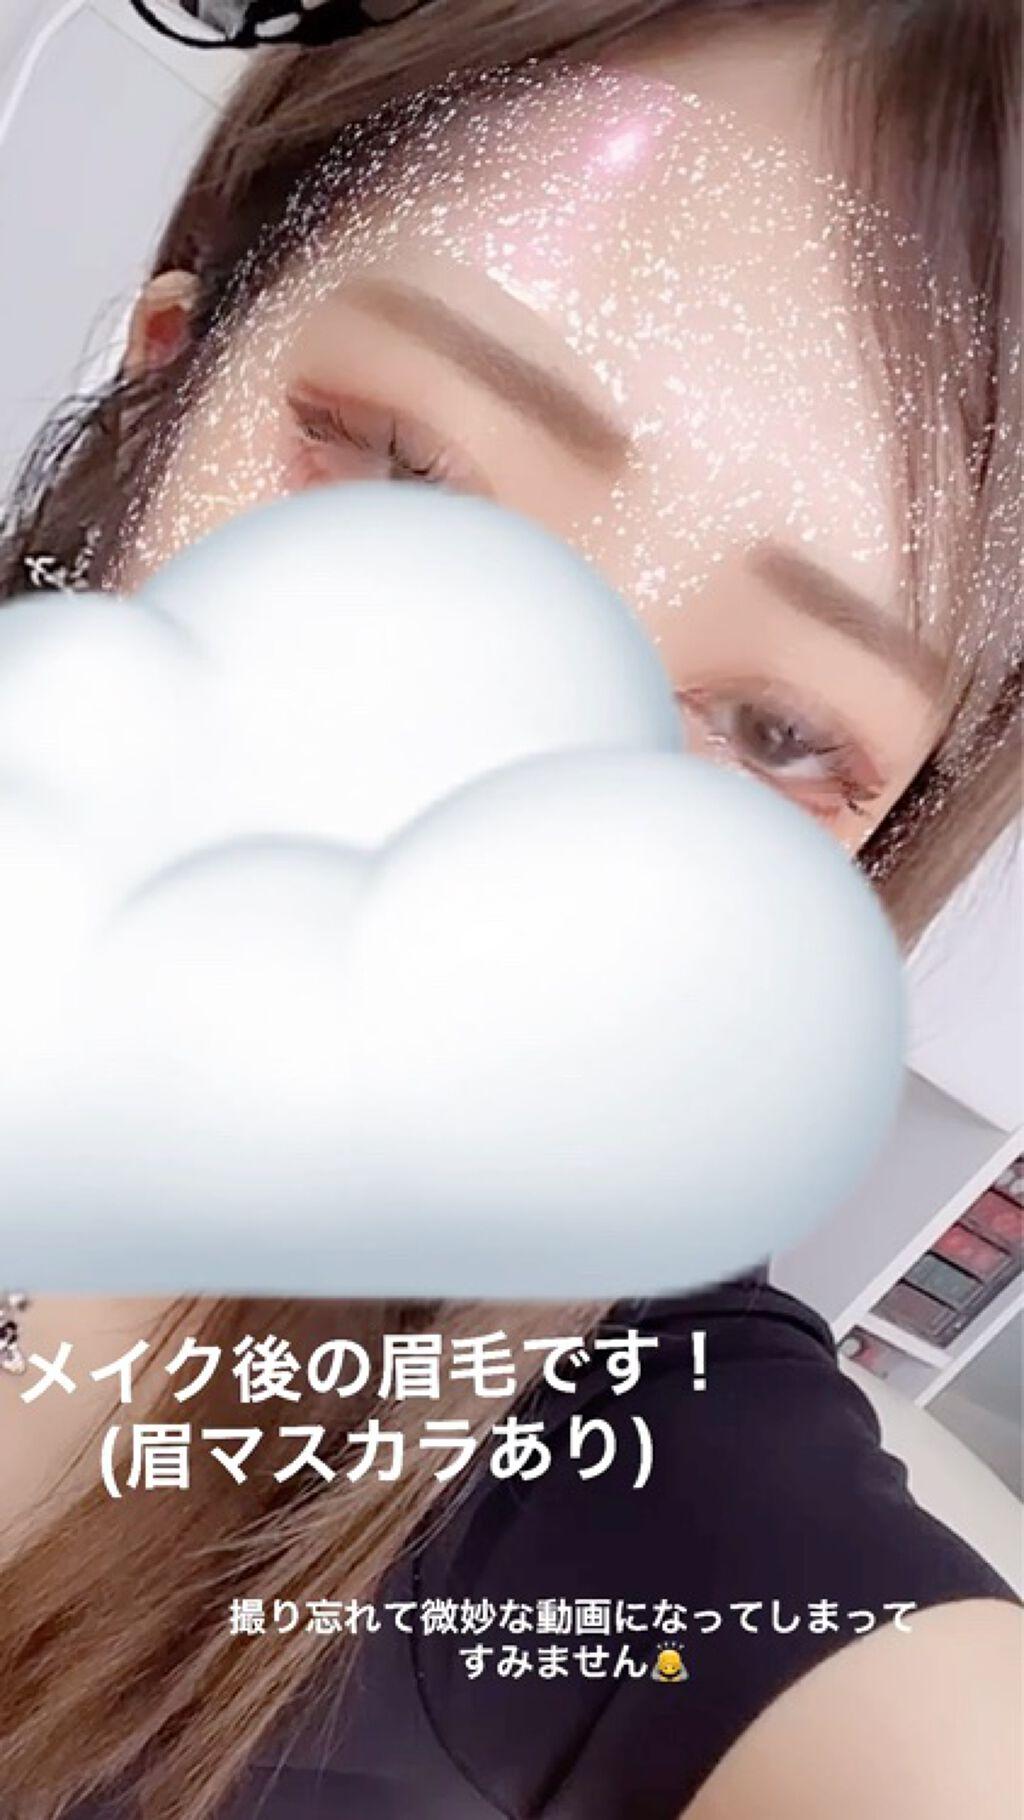 眉ティントSVR/Fujiko/その他アイブロウを使ったクチコミ(3枚目)